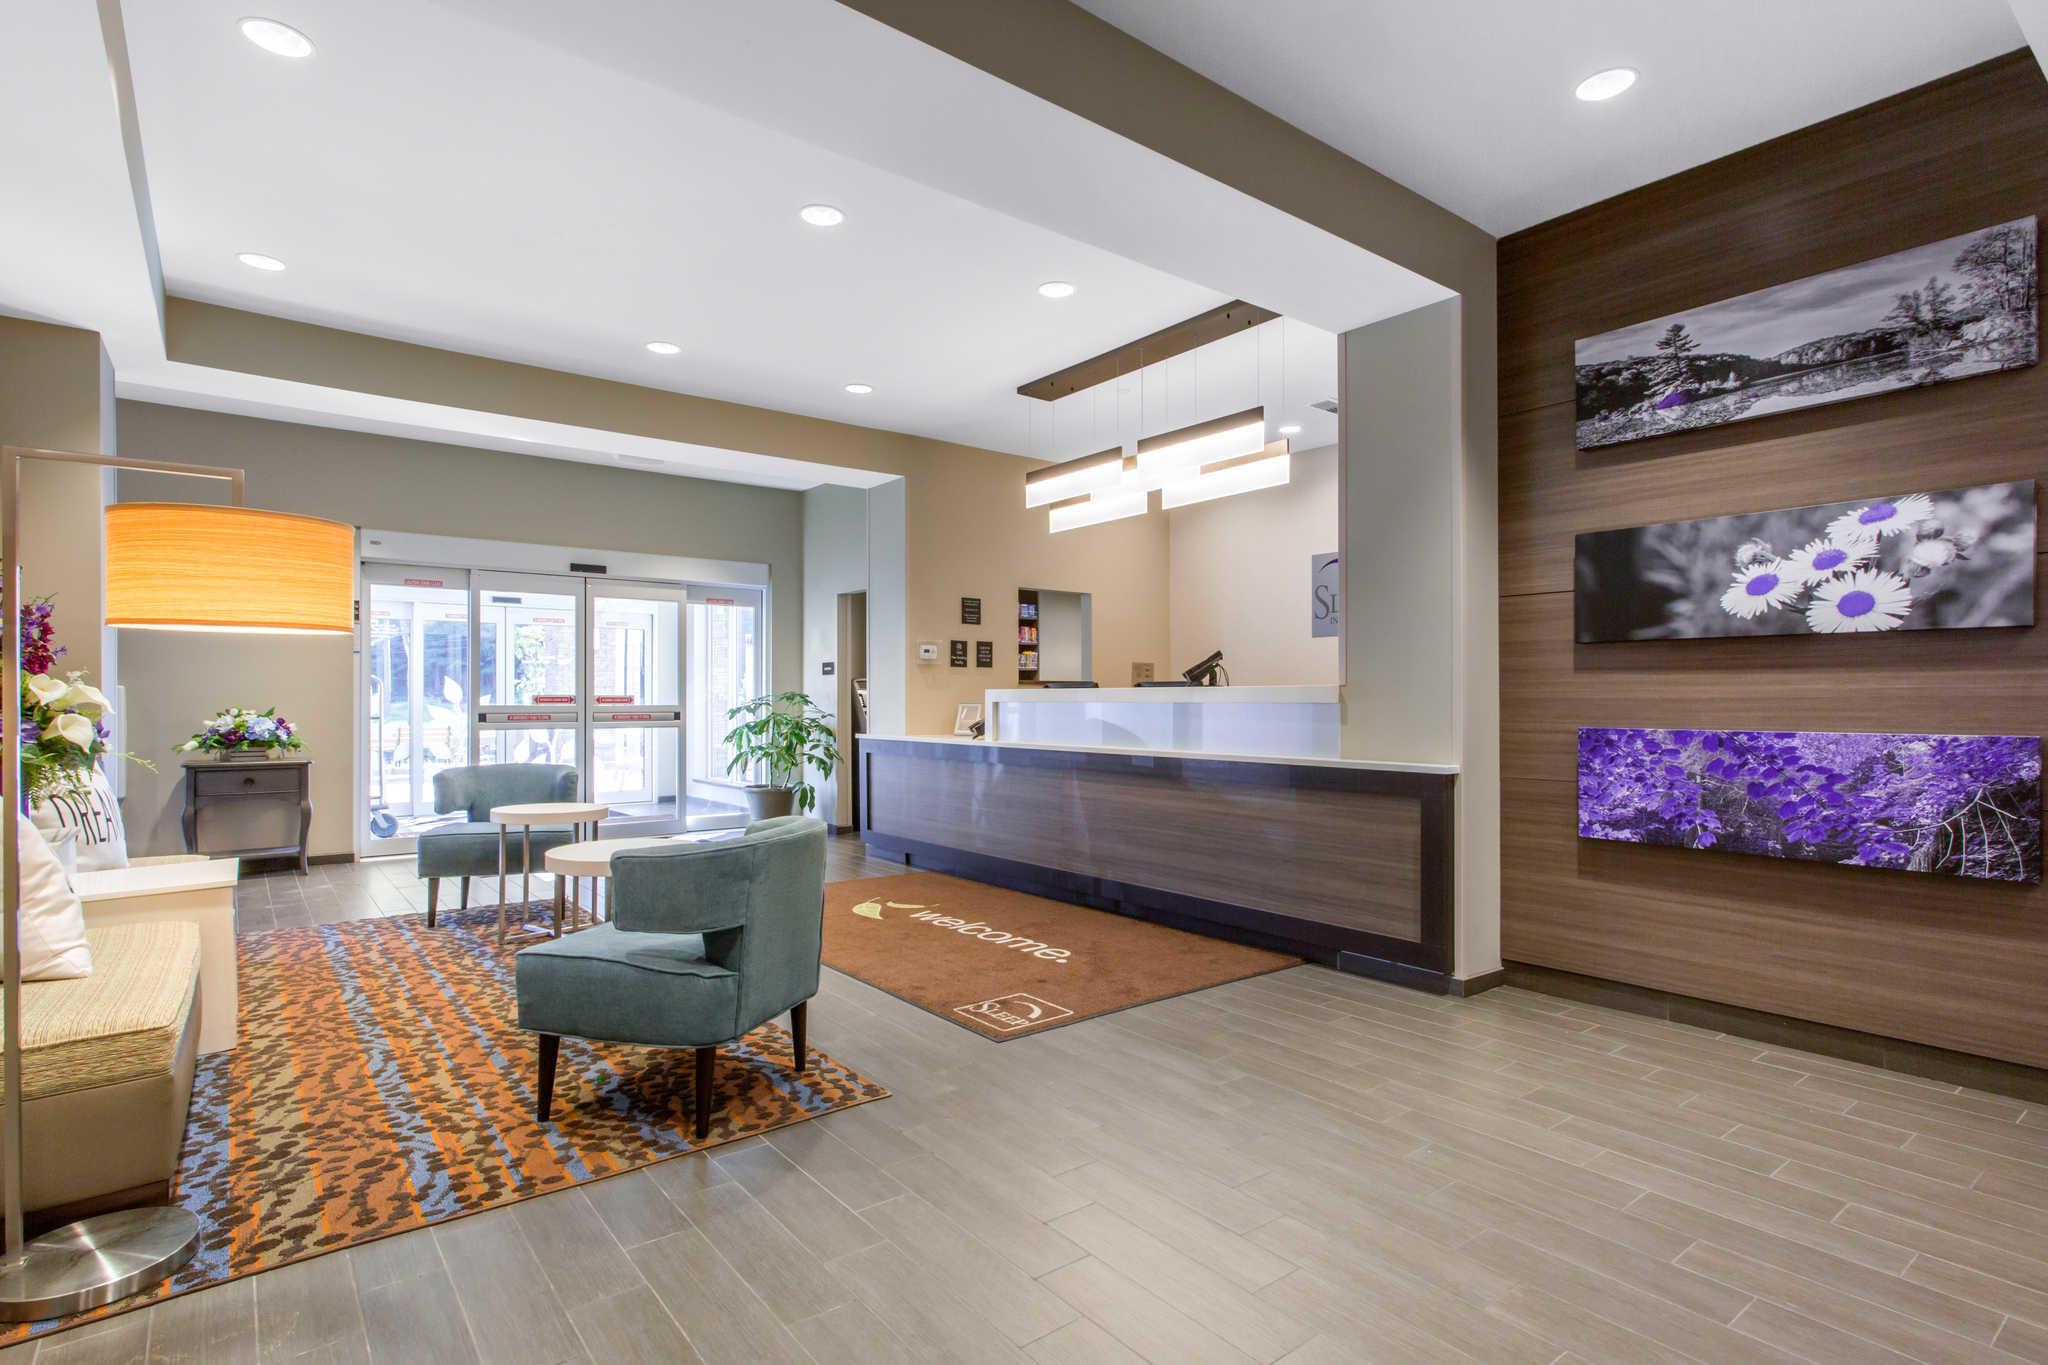 Sleep Inn & Suites Monroe - Woodbury image 8